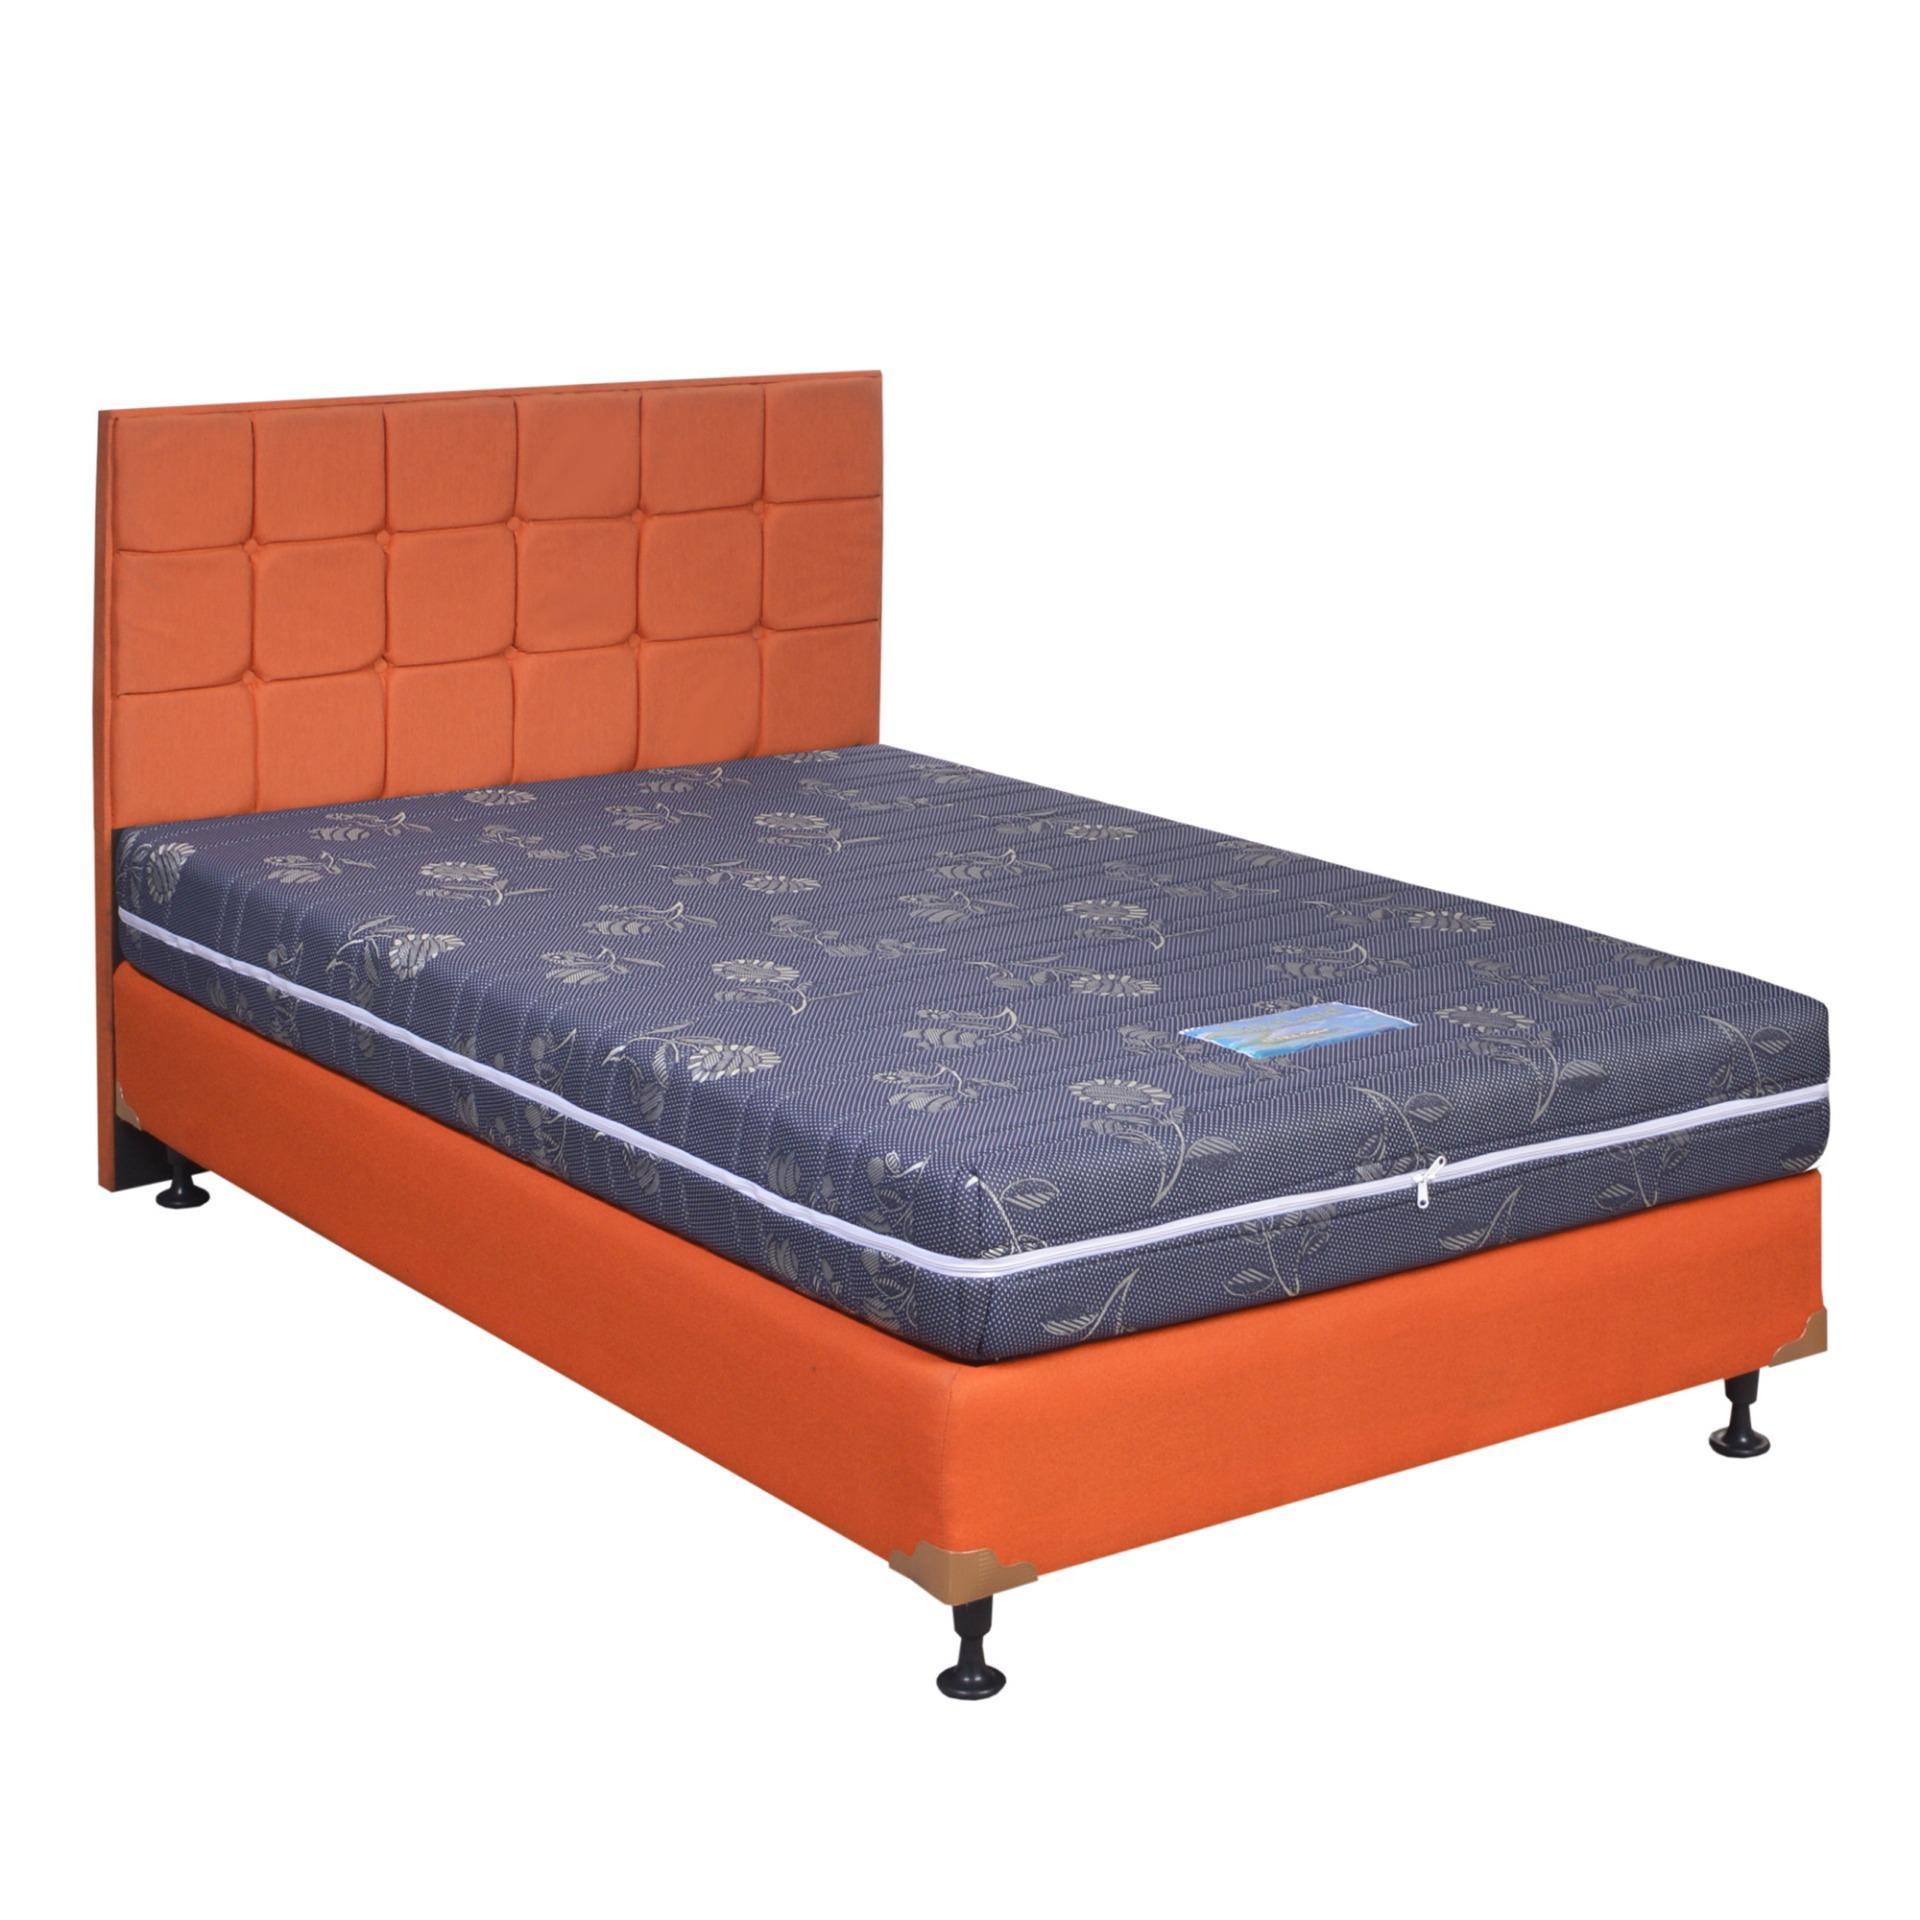 Saveland Kasur Busa Ultra Super Rebounded Biru (25 Cm) Size 100 x 200 HB Sydney Sweet Orange - Fullset - Khusus Jabodetabek